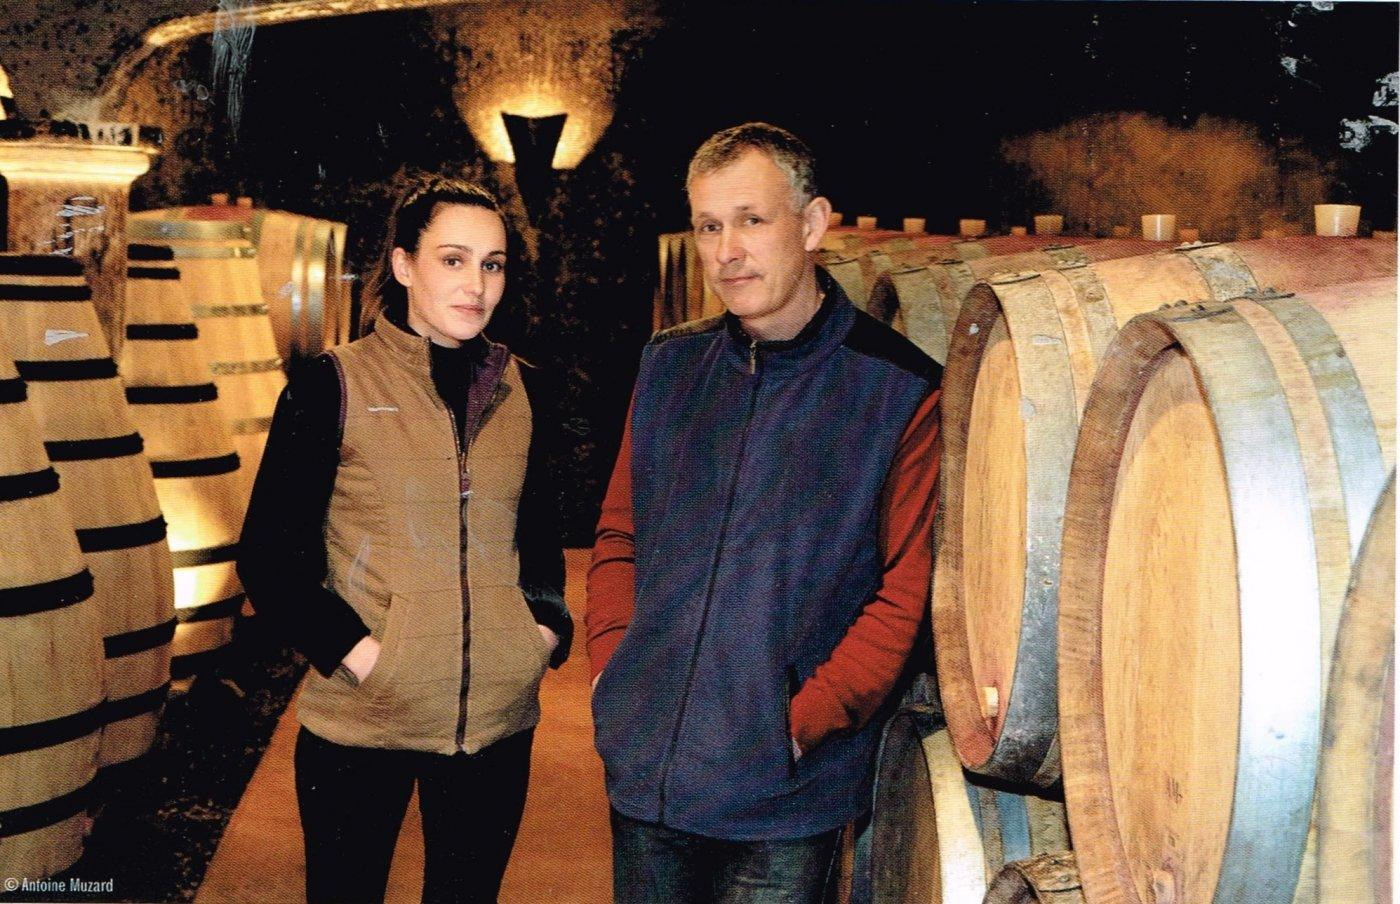 maison-charles-pere-fille-a-nantoux-une-famille-de-viticulteurs-depuis-plusieurs-generations